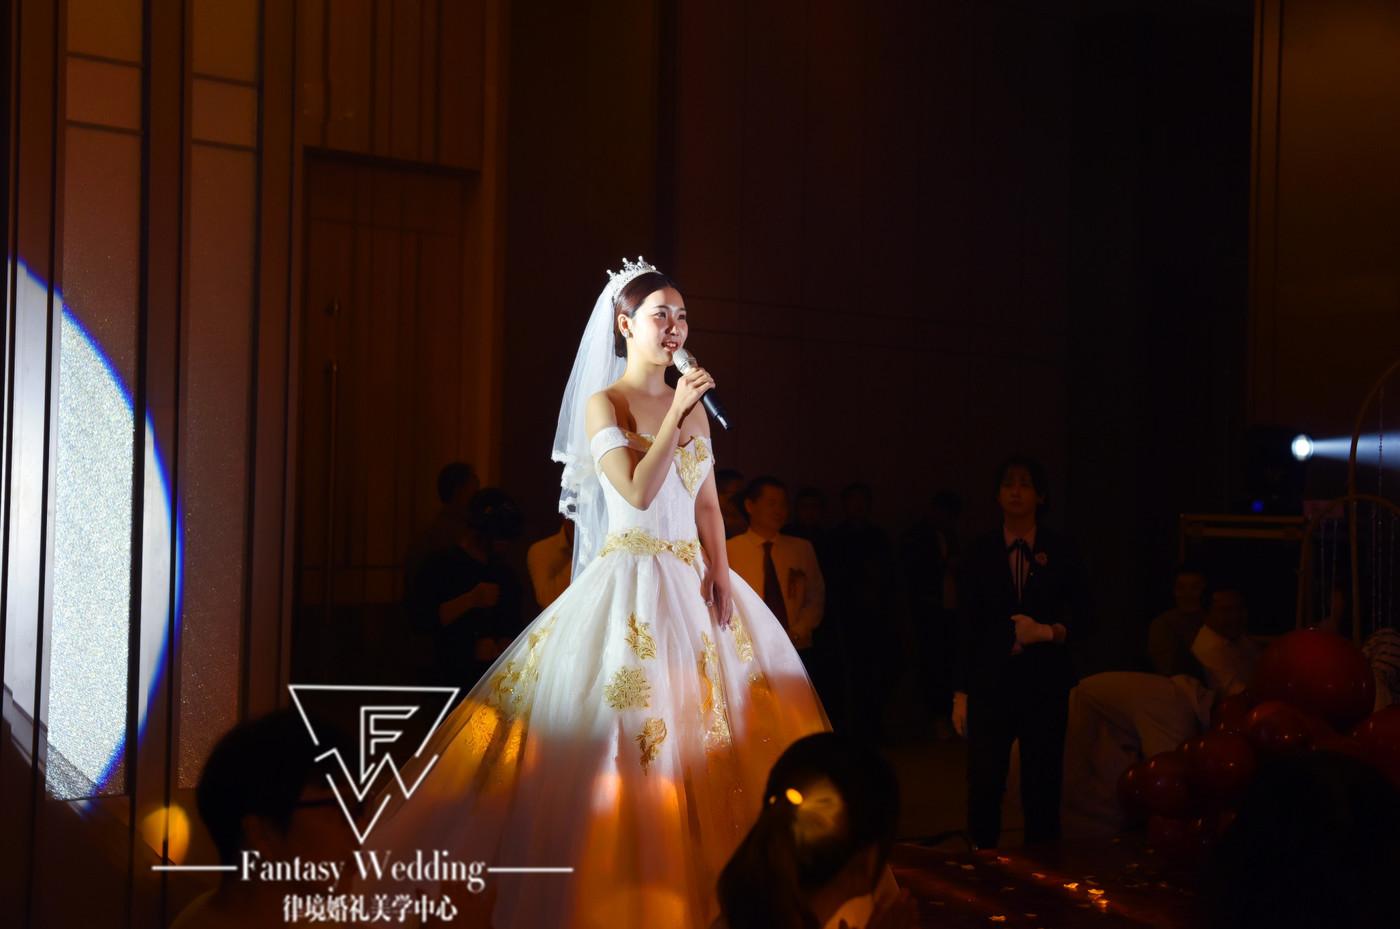 「律境婚礼」 胡萝卜& 方莱婚礼23